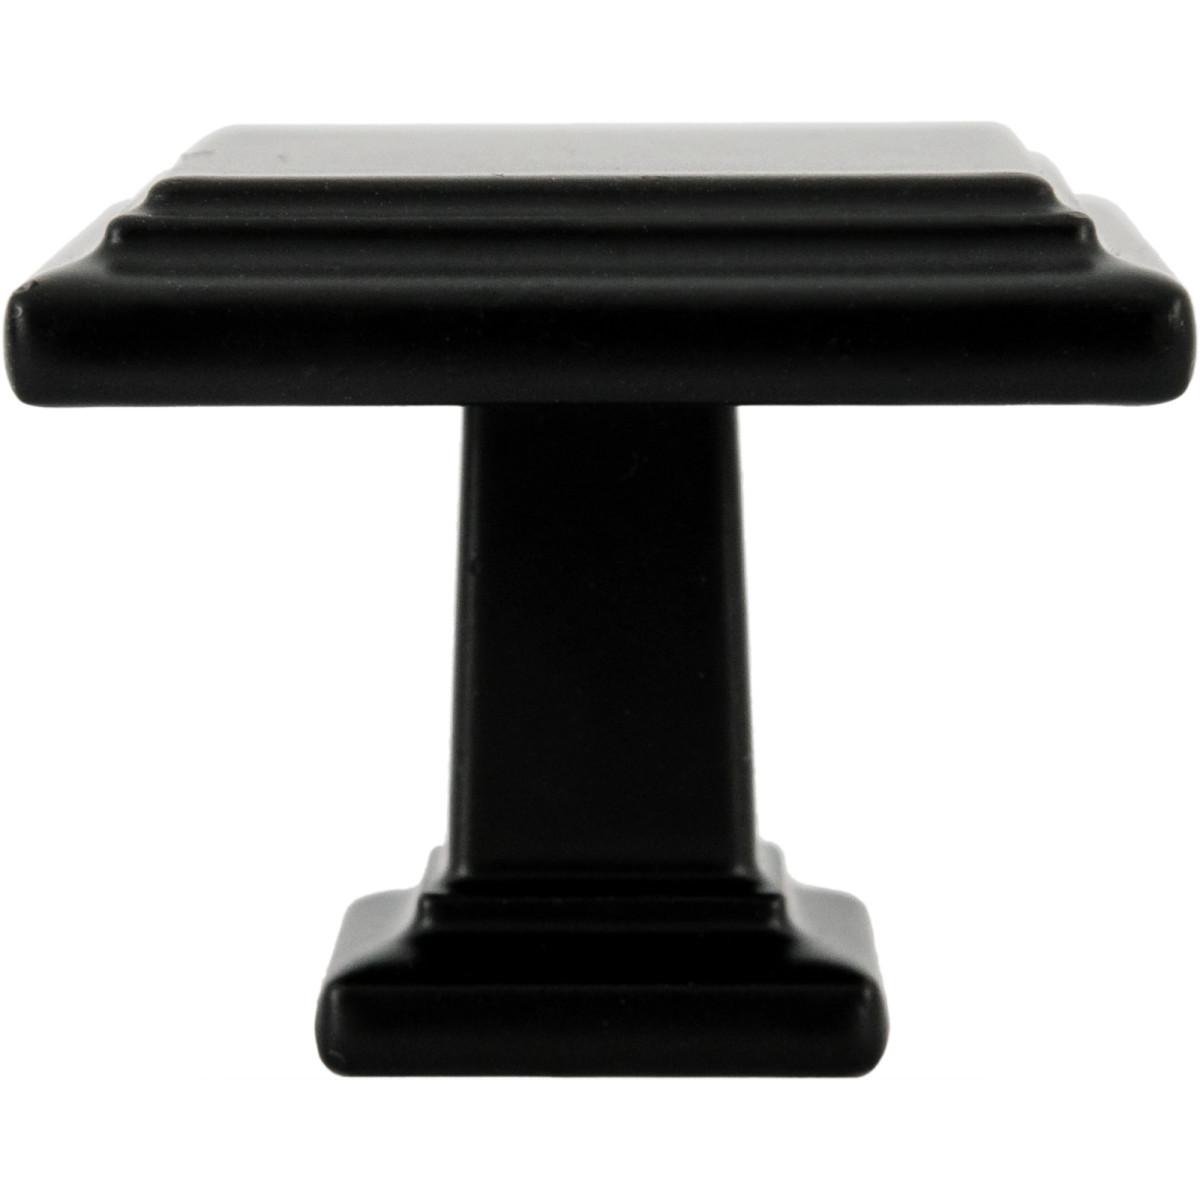 Ручка-Скоба Мебельная Rk-105 Цвет Матовый Черный